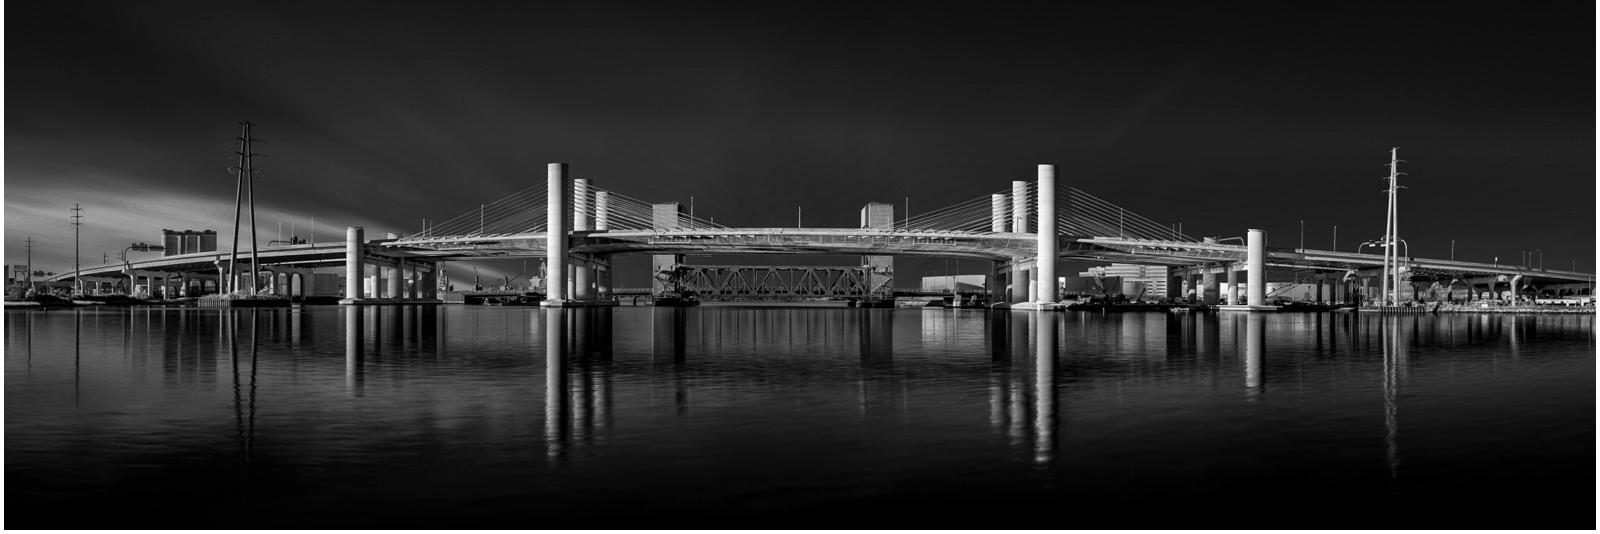 Quinnipiac River - New Haven, CT